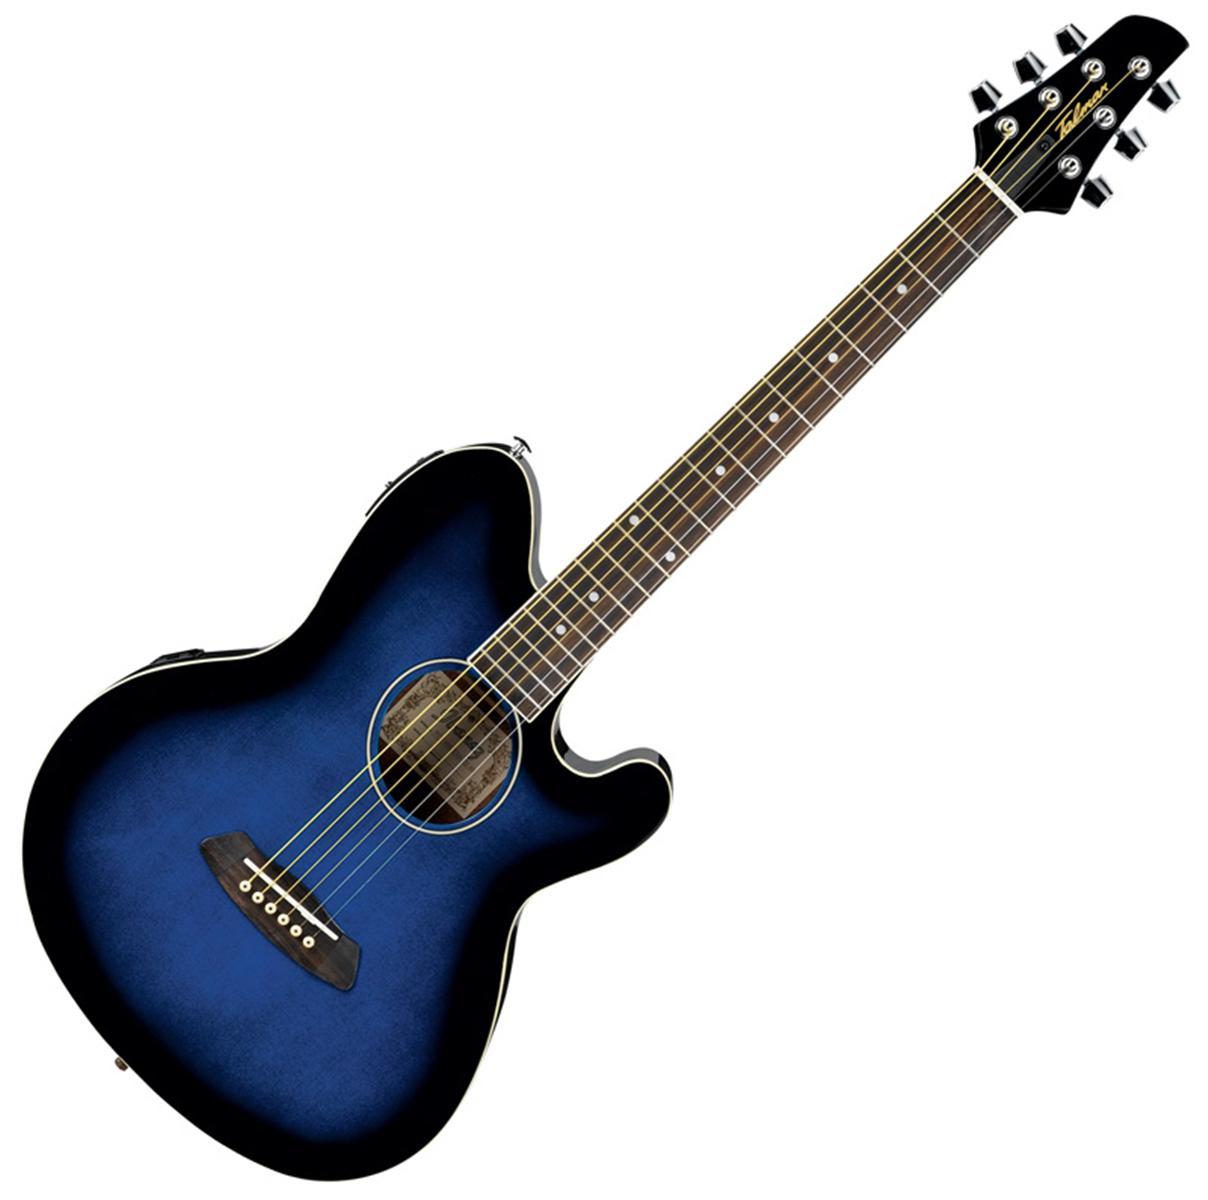 Wallpaper Hd Nature Guitar: Ibanez Guitar Wallpaper